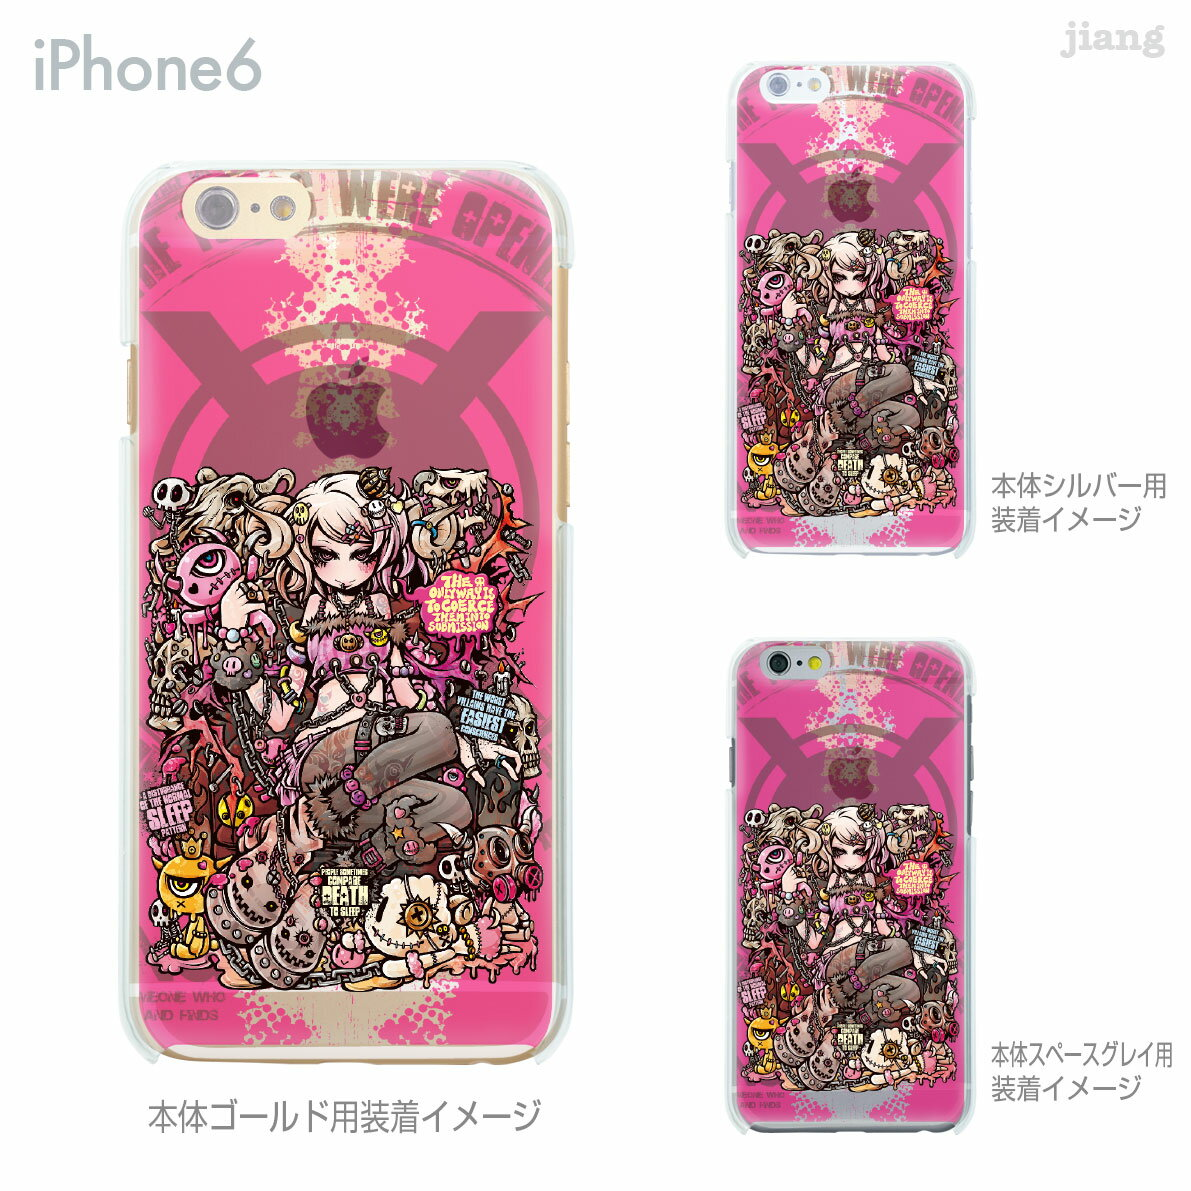 iPhoneX iPhone X ケース iPhone8 iPhone7ケース iPhone7 Plus iPhone6s iPhone6 Plus iphone ハードケース Clear Arts ケース カバー スマホケース クリアケース Project.C.K. SHEEP 11-ip6-ca0008-s